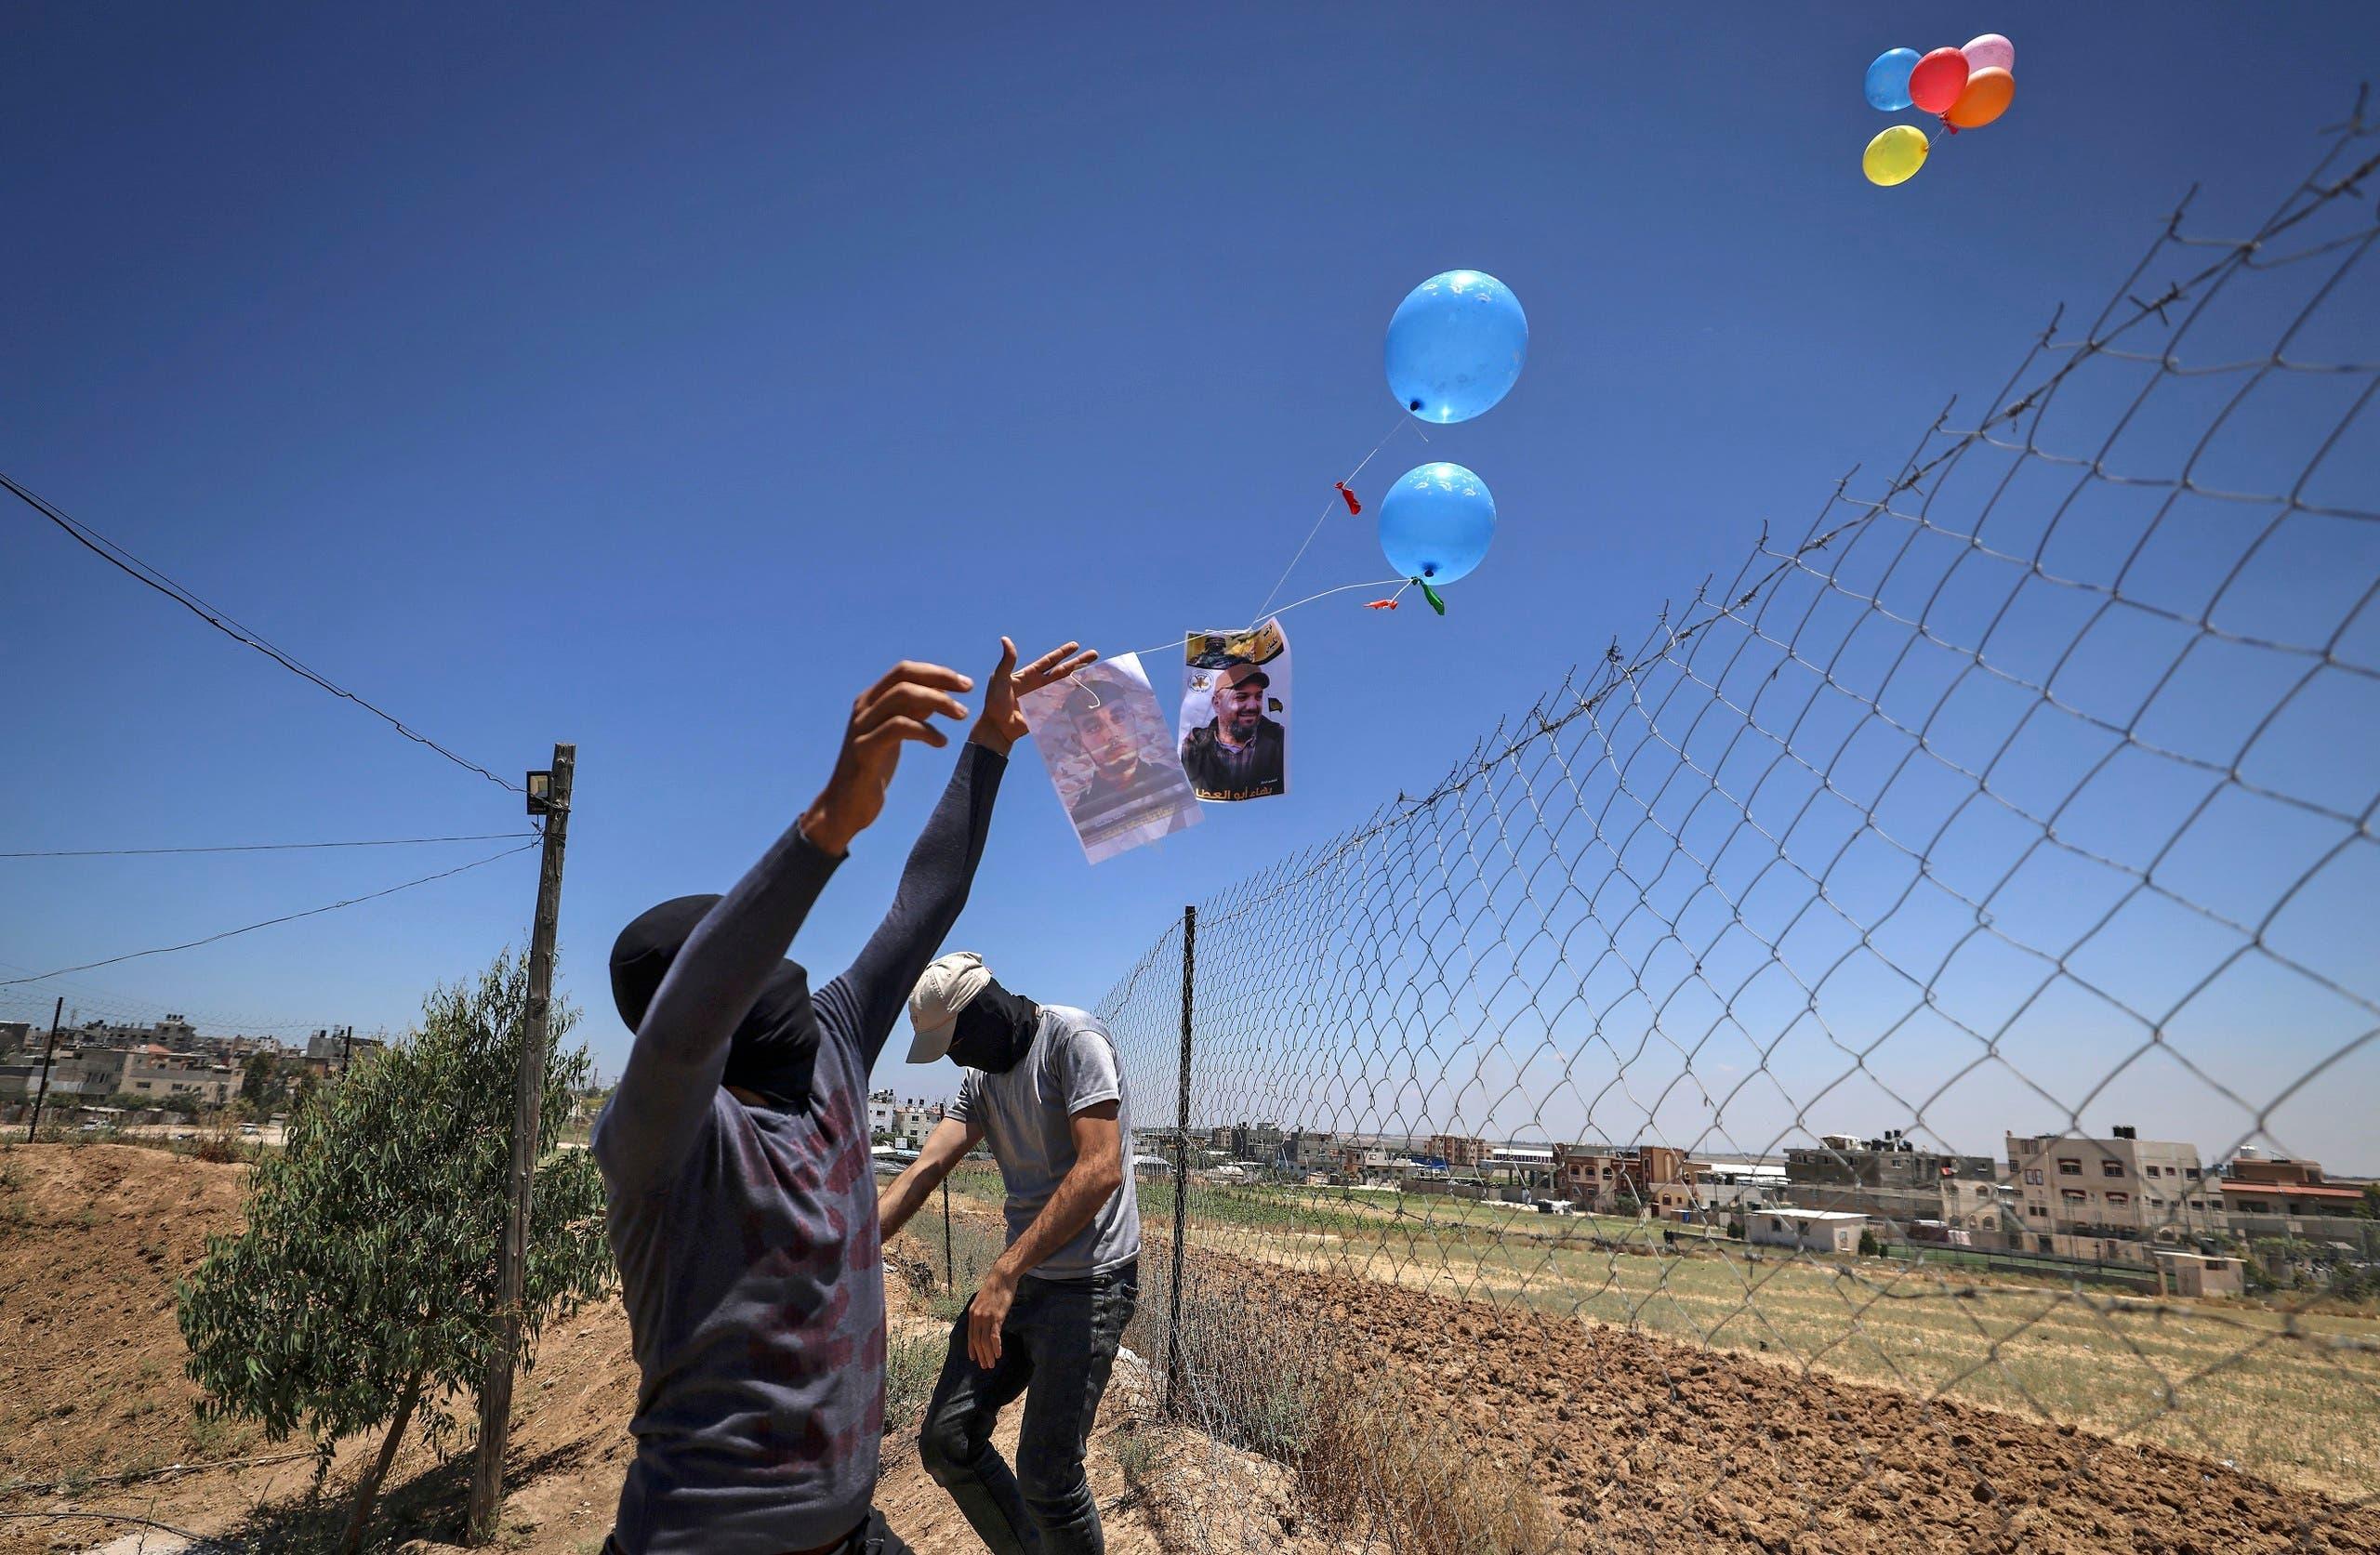 إطلاق بالونات حارقة من غزة (أرشيفية)